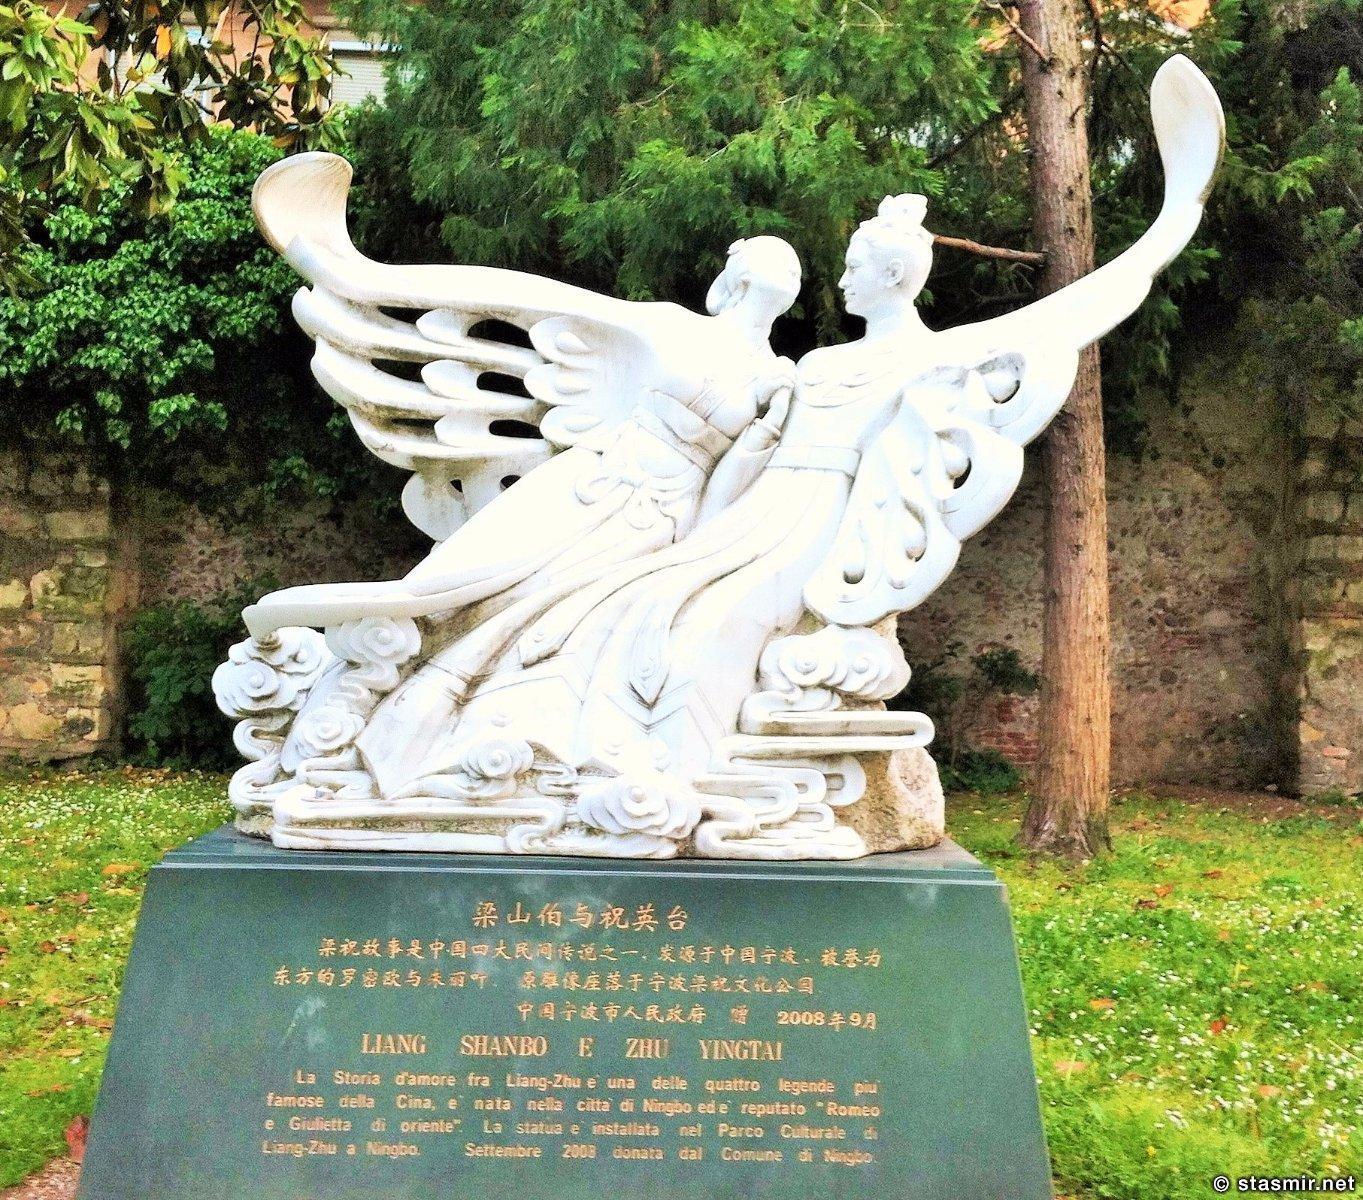 китайские Ромео и Джульета, Верона, Италия, могила Джульеты в Вероне, Ромео и Джульета, Стасмир, Станислав Смирнов, Стасмир исландский,